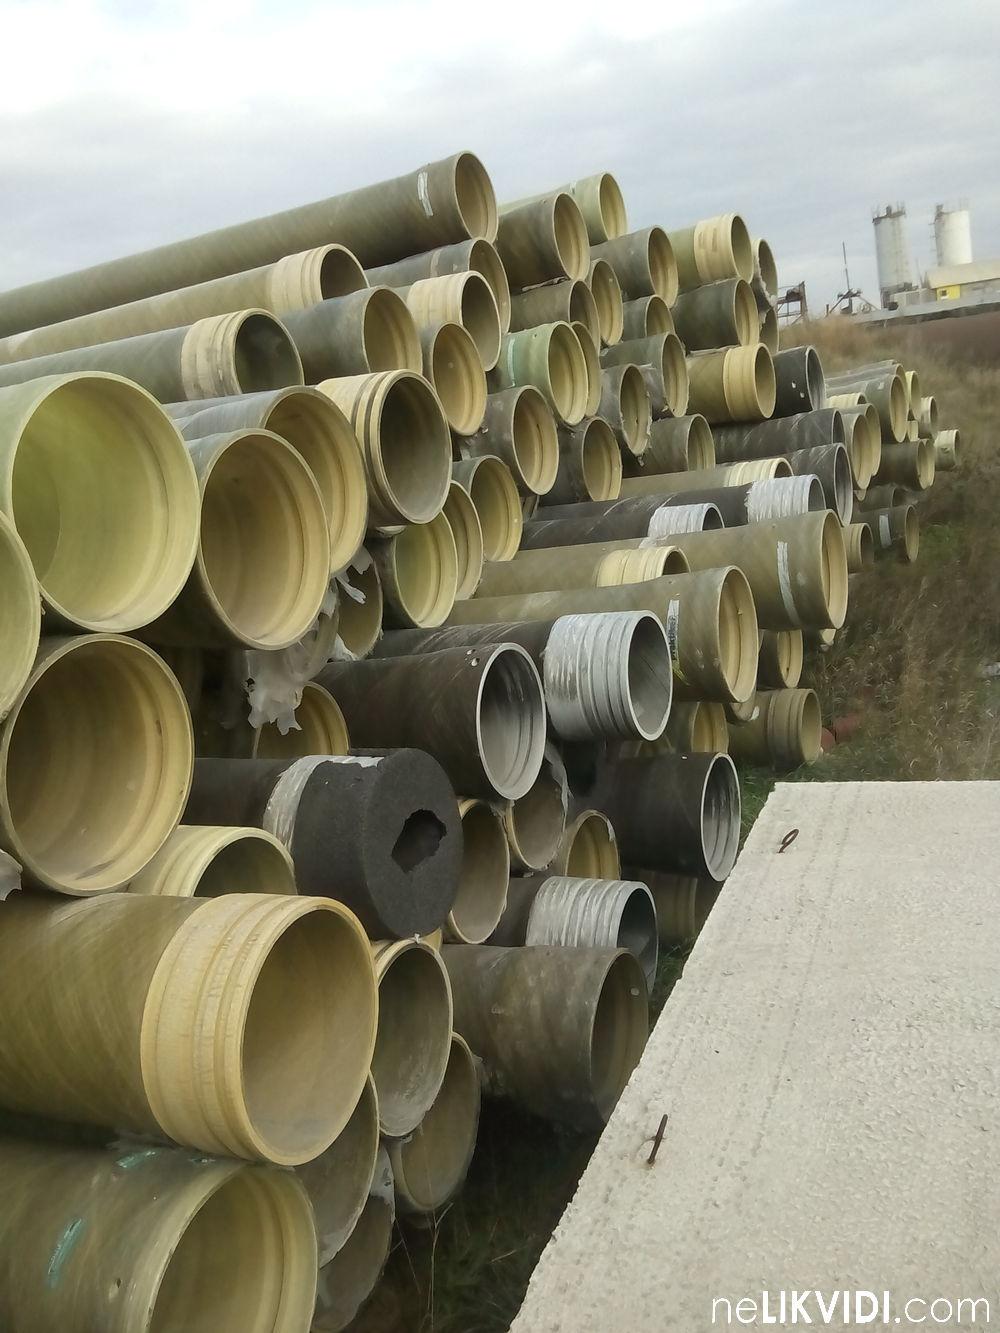 Характеристики стеклопластиковых труб и область применения - самстрой - строительство, дизайн, архитектура.